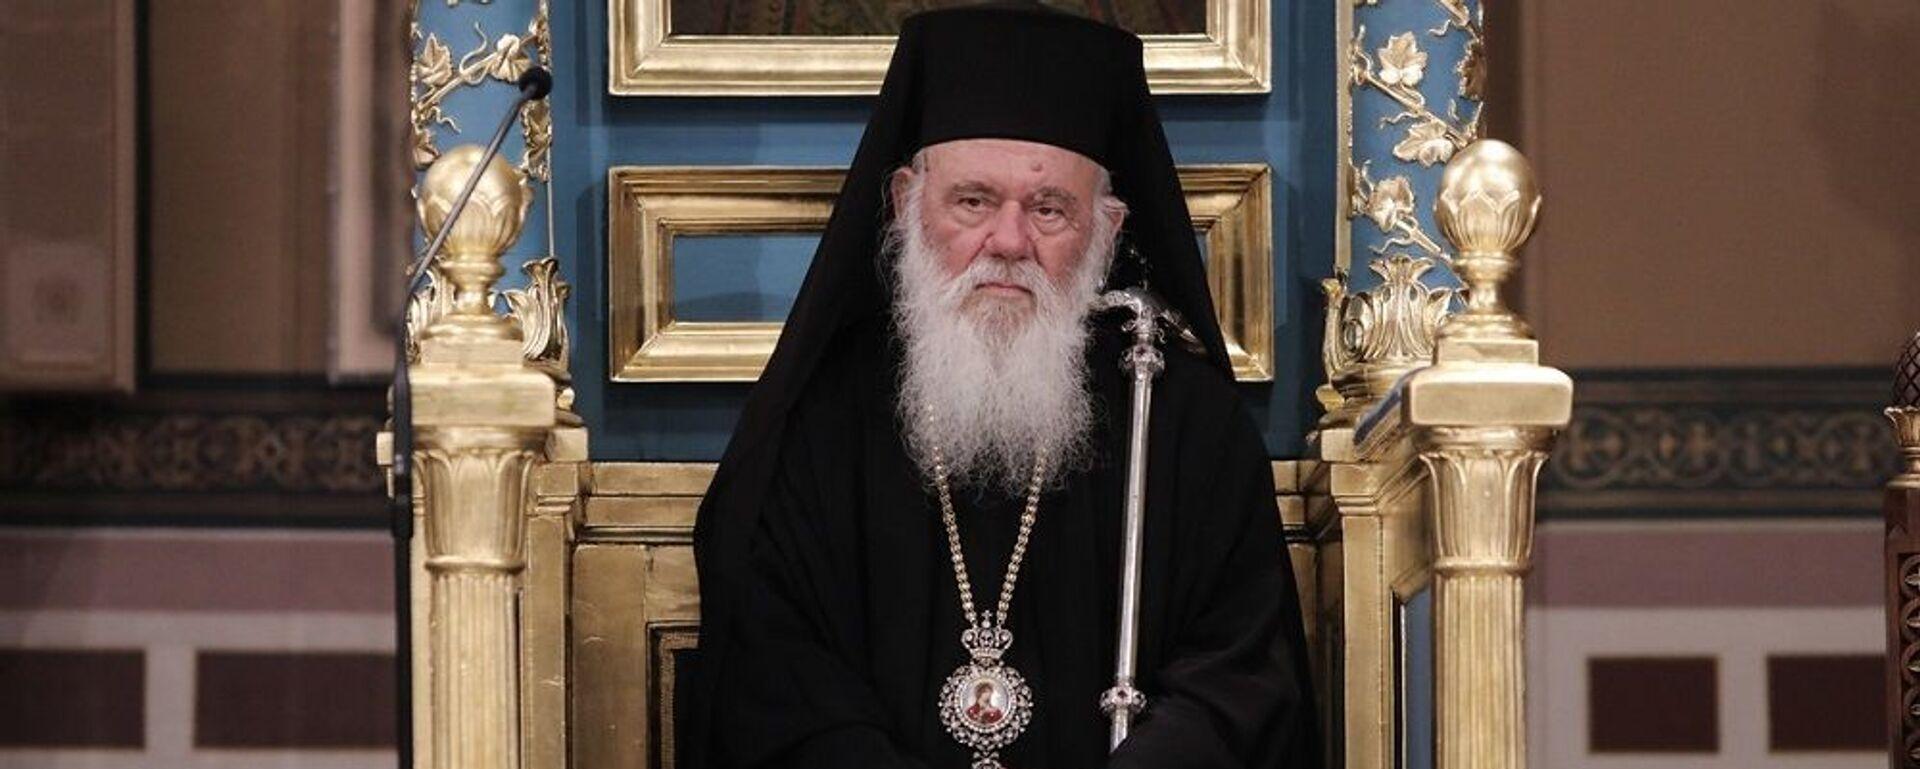 Ο Αρχιεπίσκοπος Ιερώνυμος κατά την Ιερά Ακολουθία στην Μητρόπολη σε ένδειξη διαμαρτυρίας για τη μετατροπή της Αγίας Σοφίας σε τζαμί - Sputnik Ελλάδα, 1920, 04.08.2021